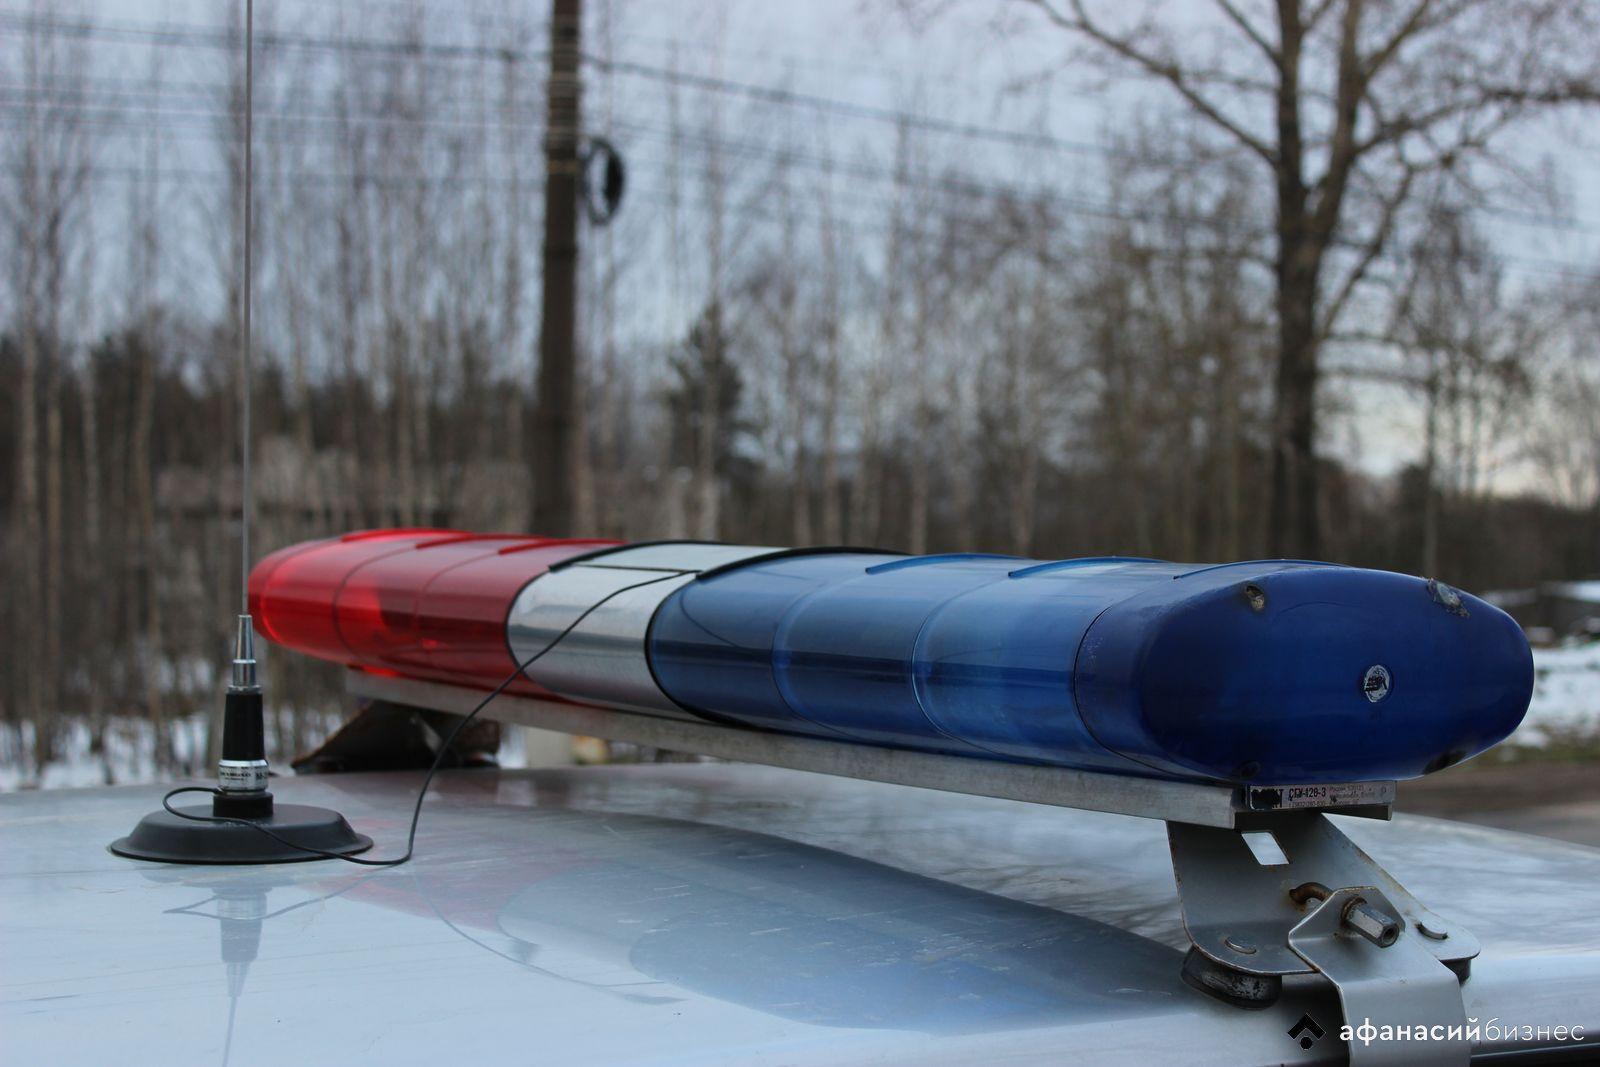 Женщина получила травмы в легковушке, столкнувшейся с лосем в Тверской области - новости Афанасий